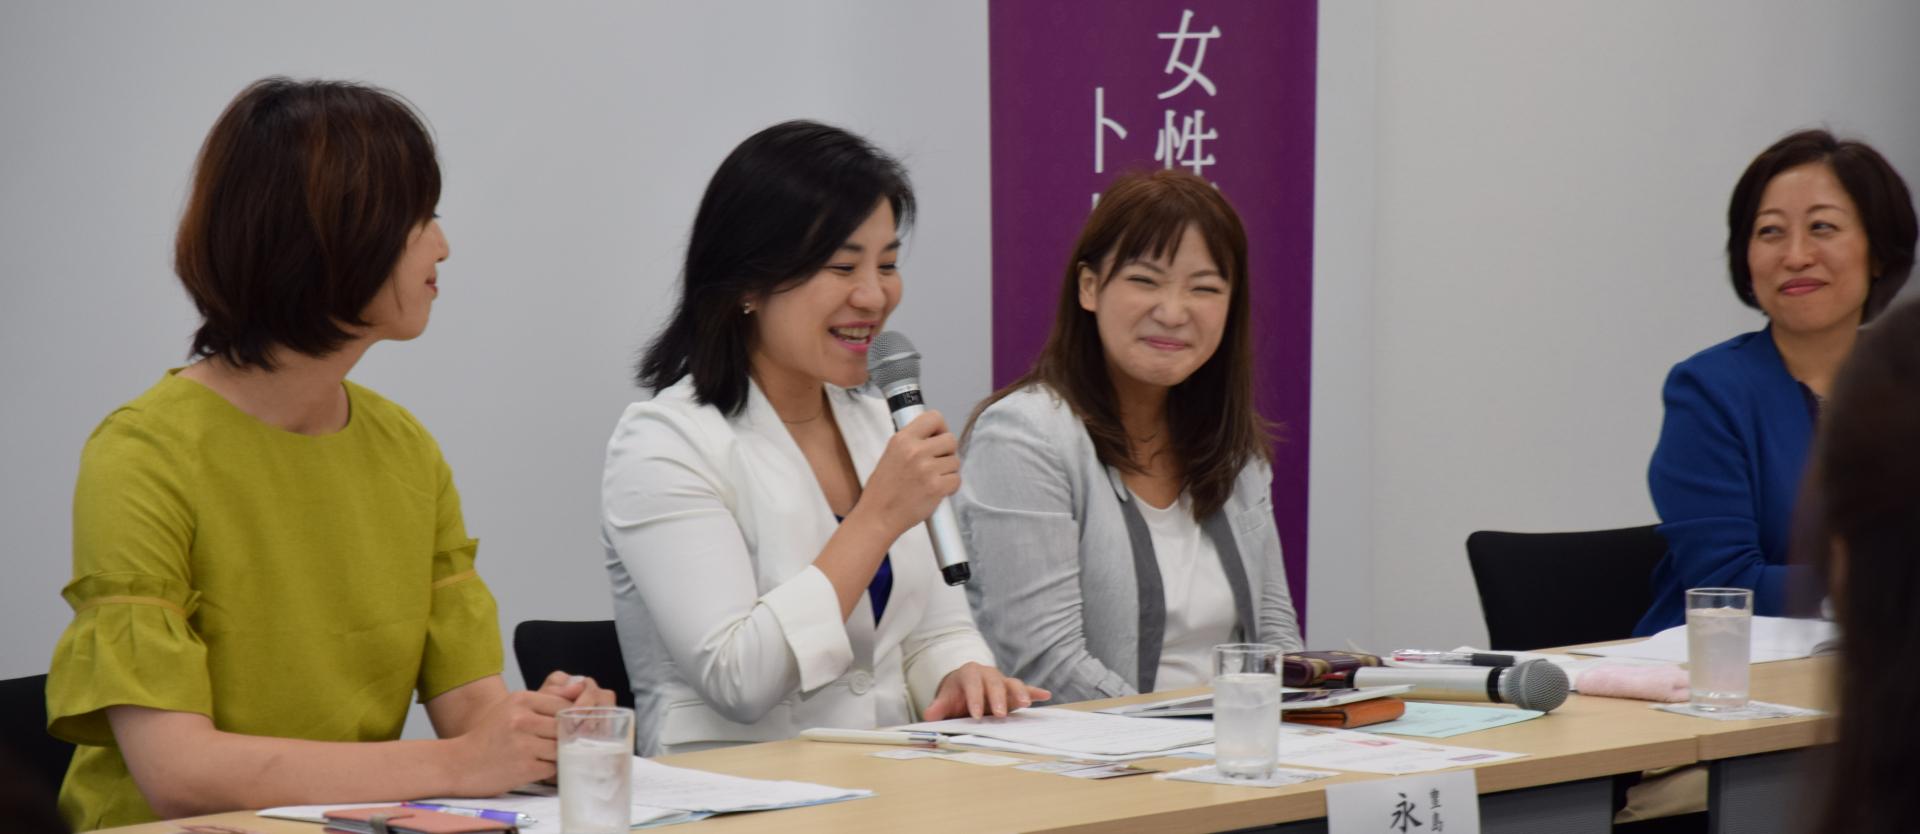 山田裕子越谷市議会議員、永野ひろこ豊島区議会議員、篠原ゆか昭島市議会議員(写真左から)